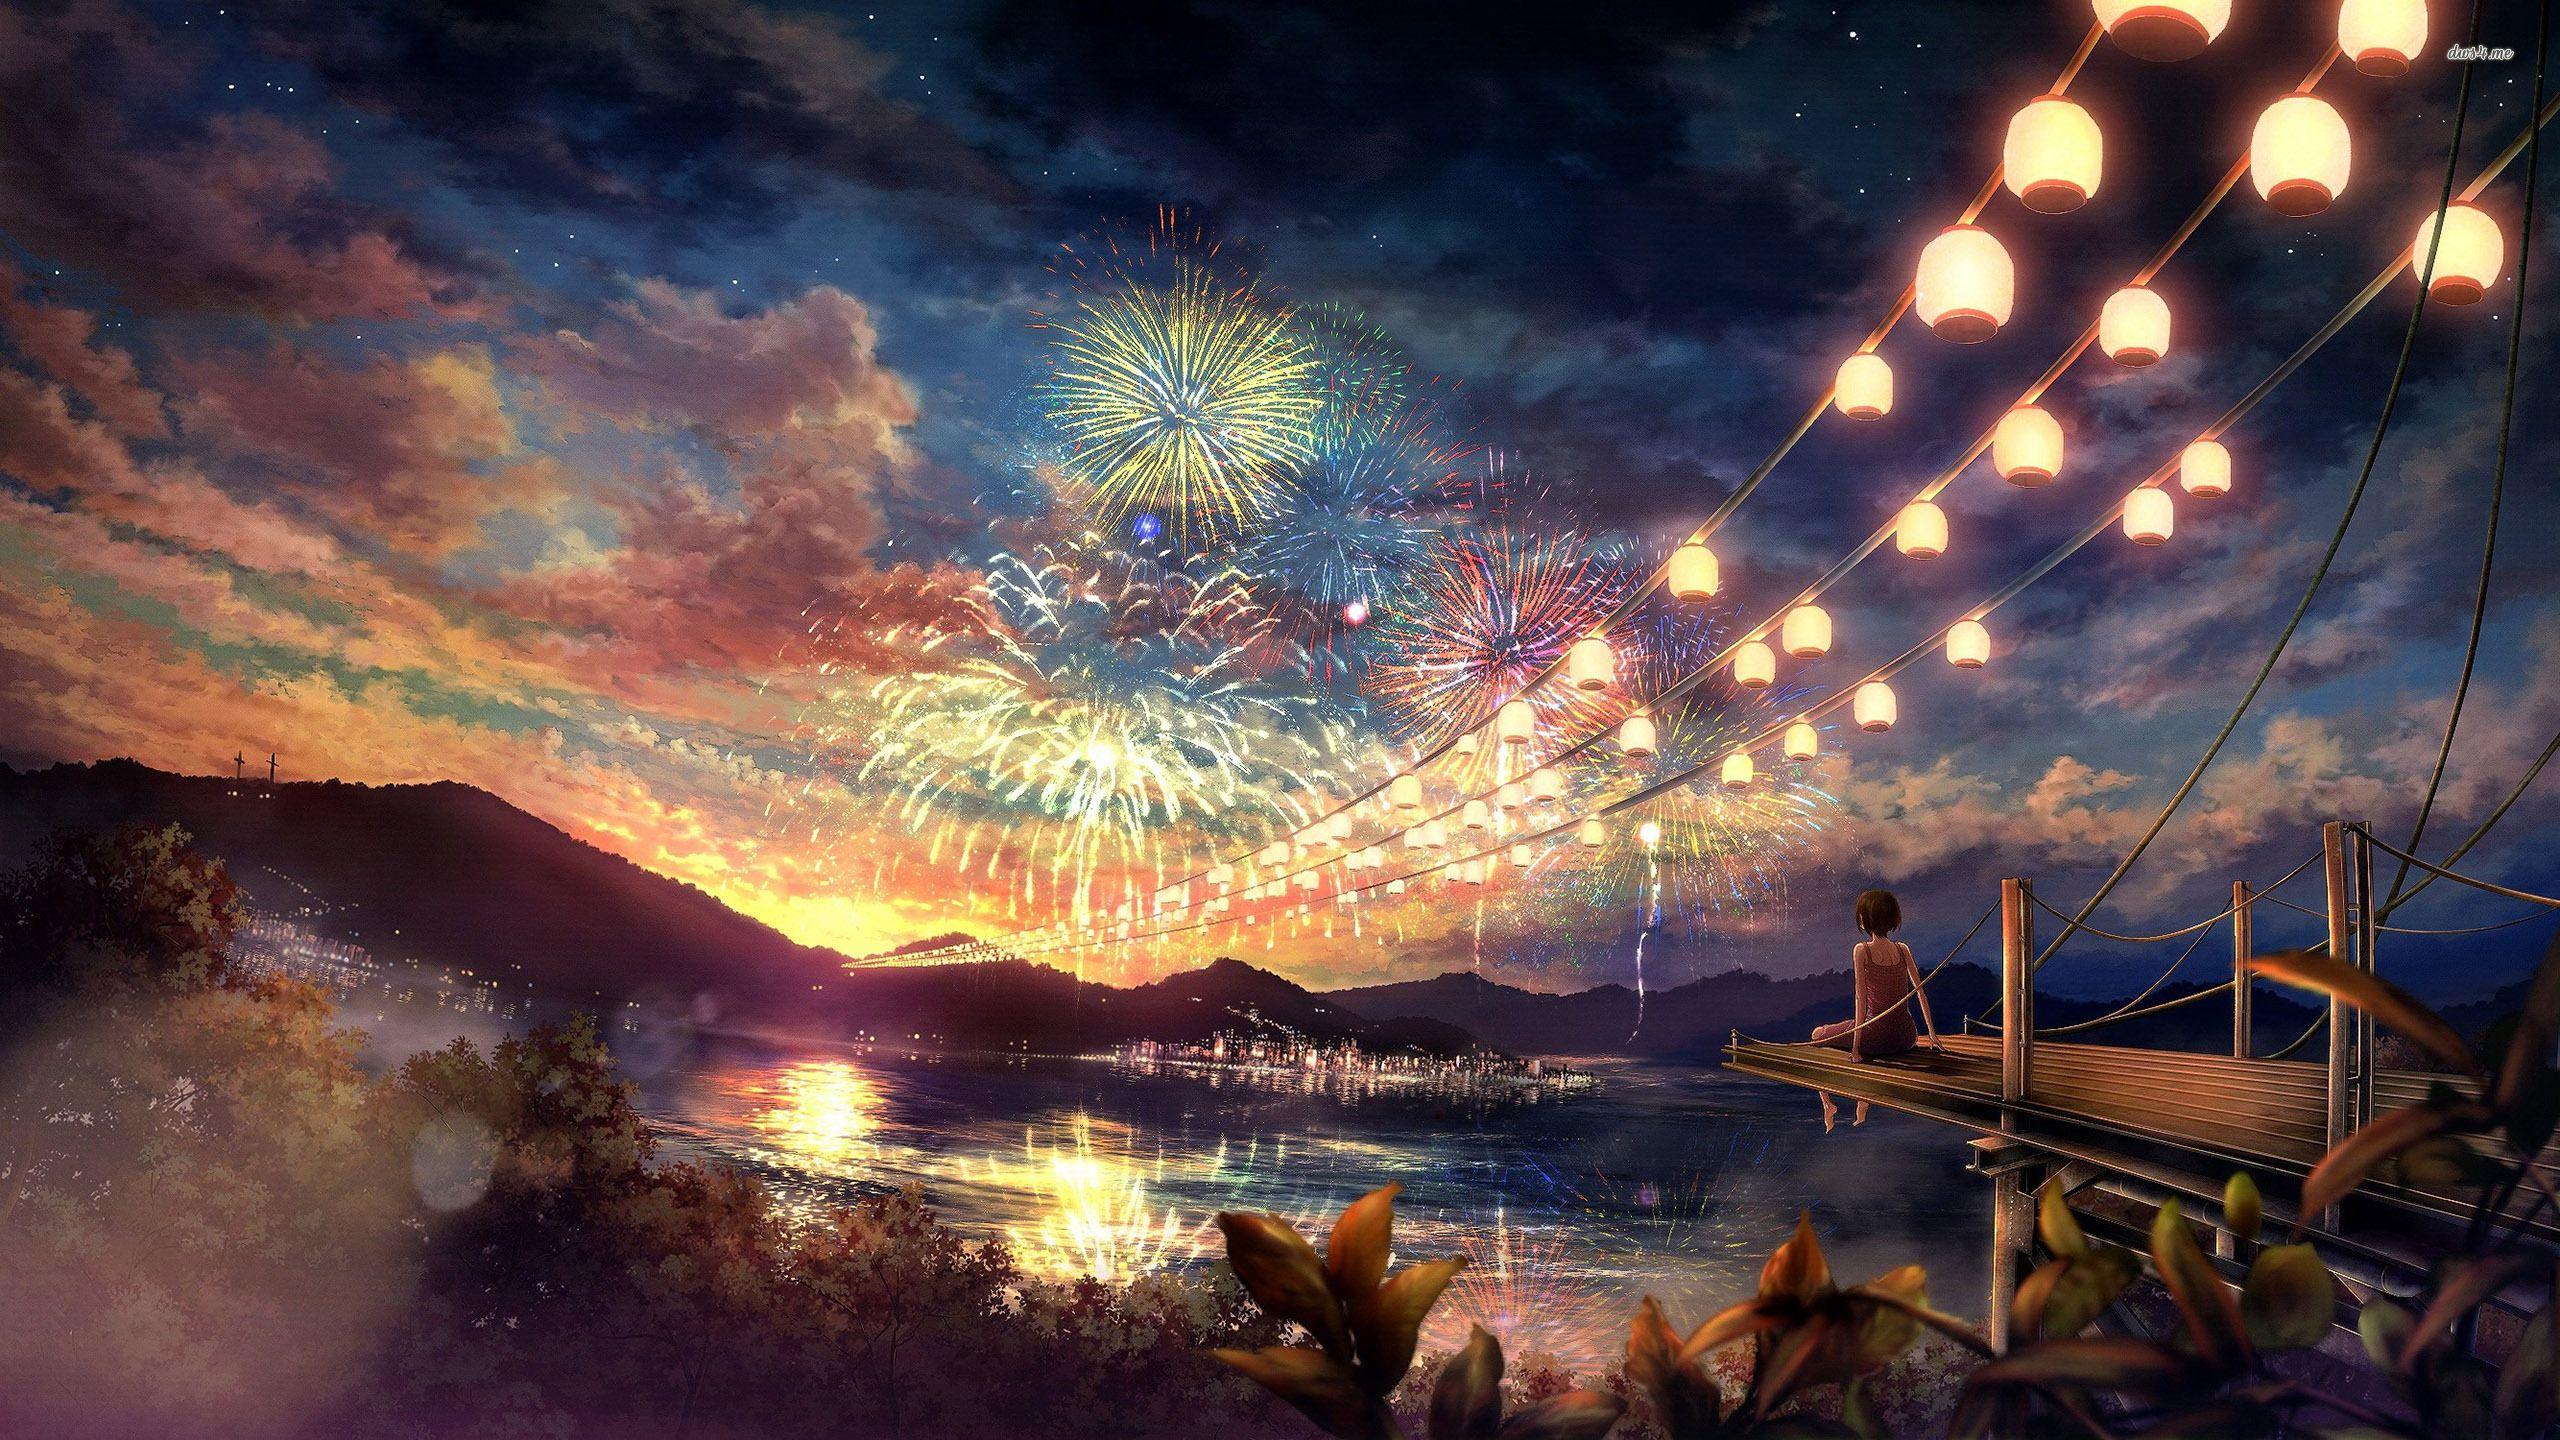 Distant Festival Anime scenery, Fireworks wallpaper